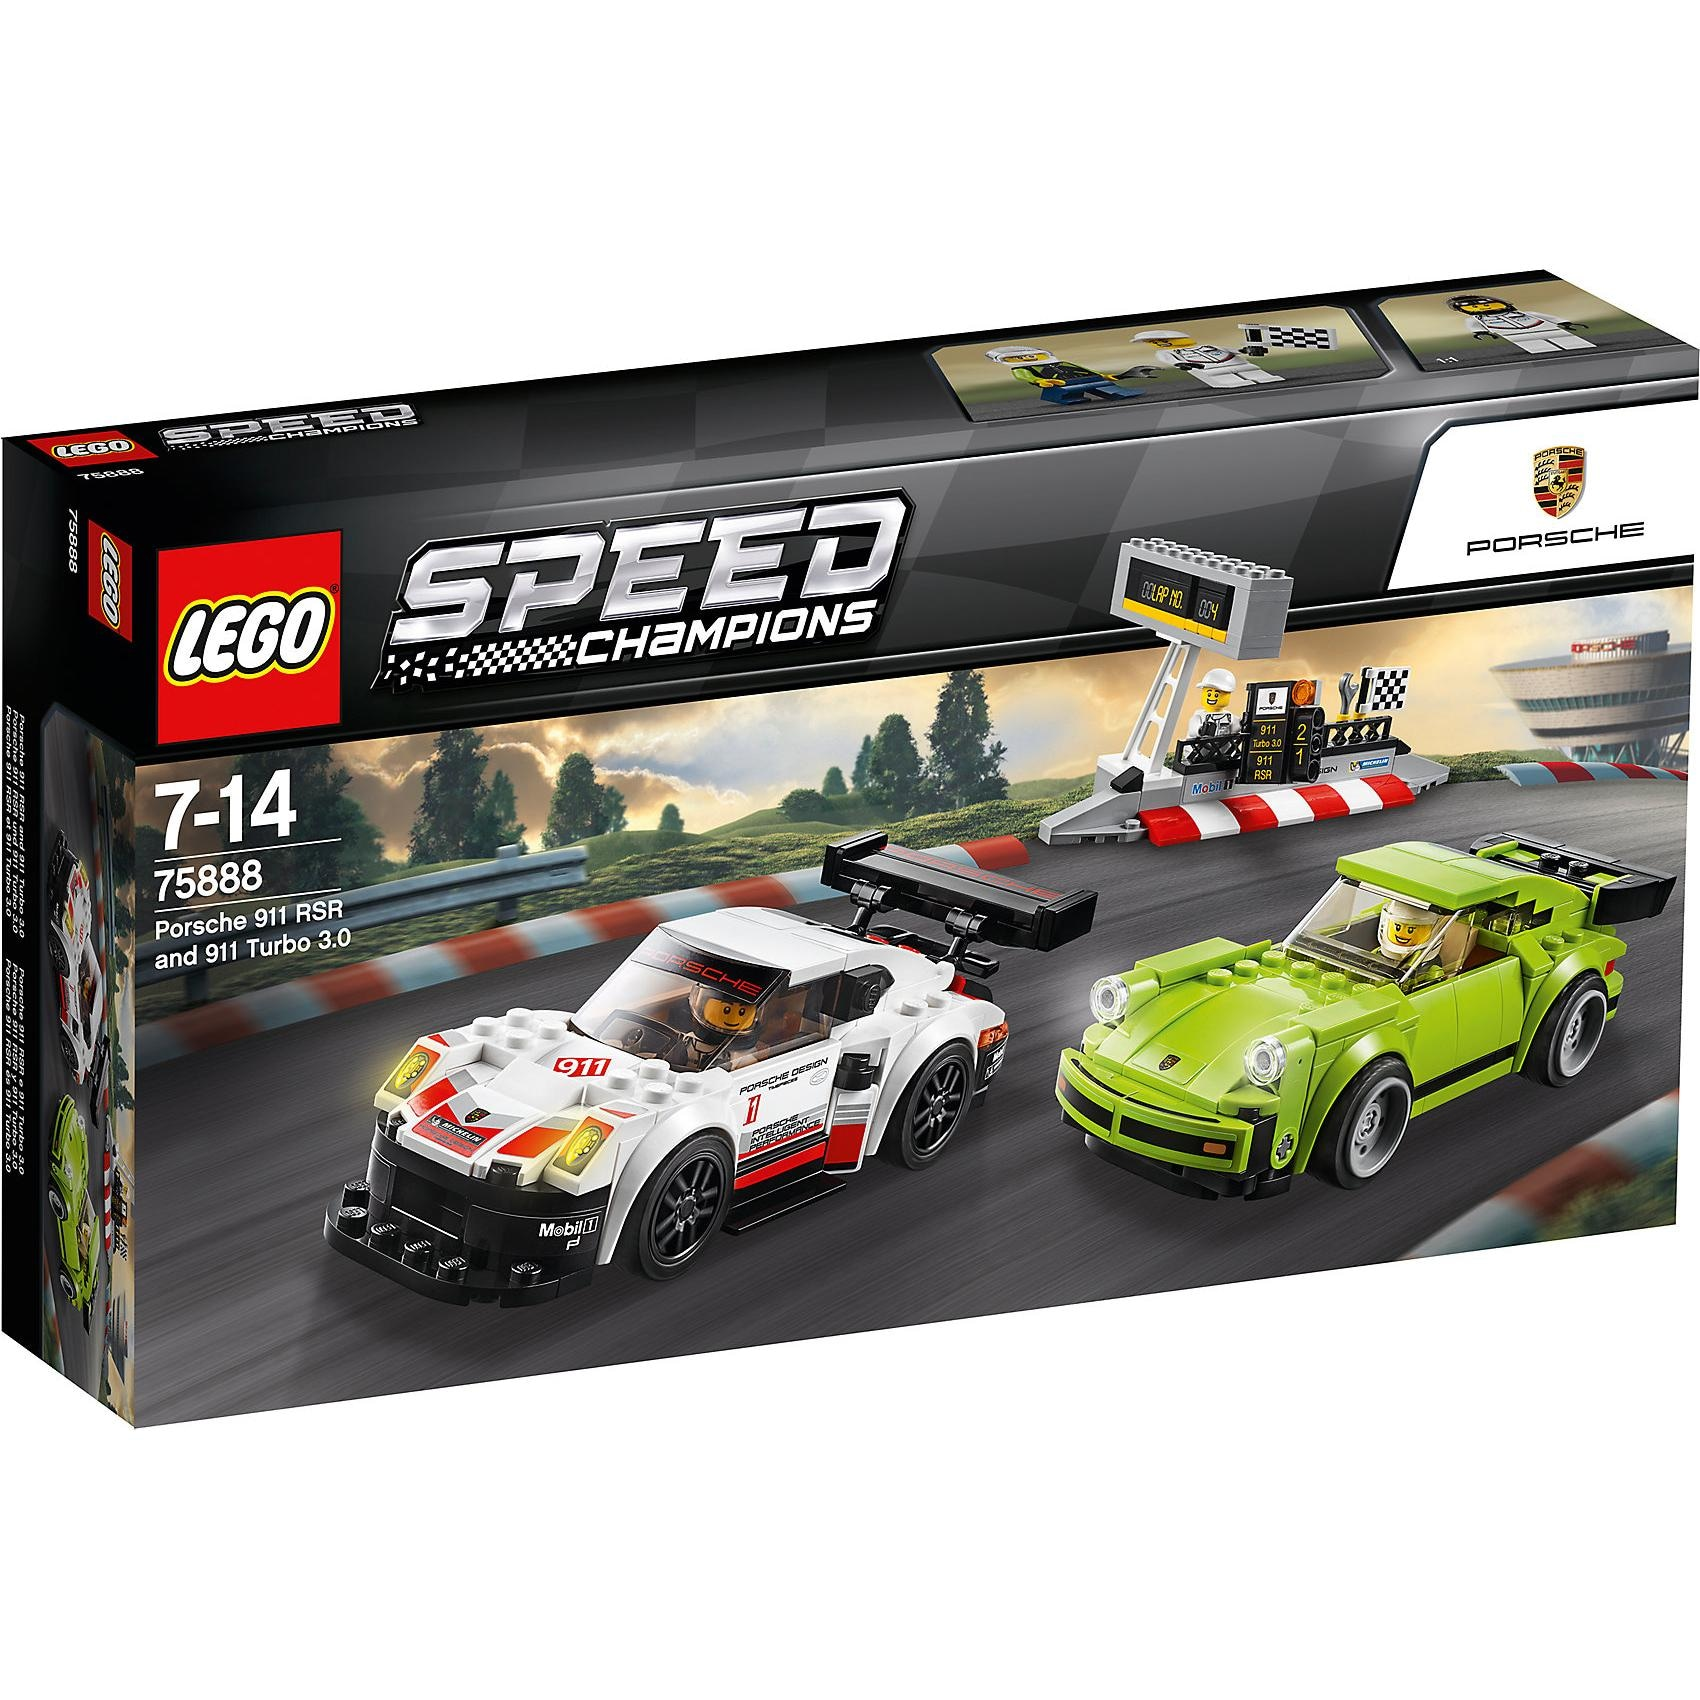 Lego Speed 75888 Porsche 911 RSR und 911 Turbo 3.0